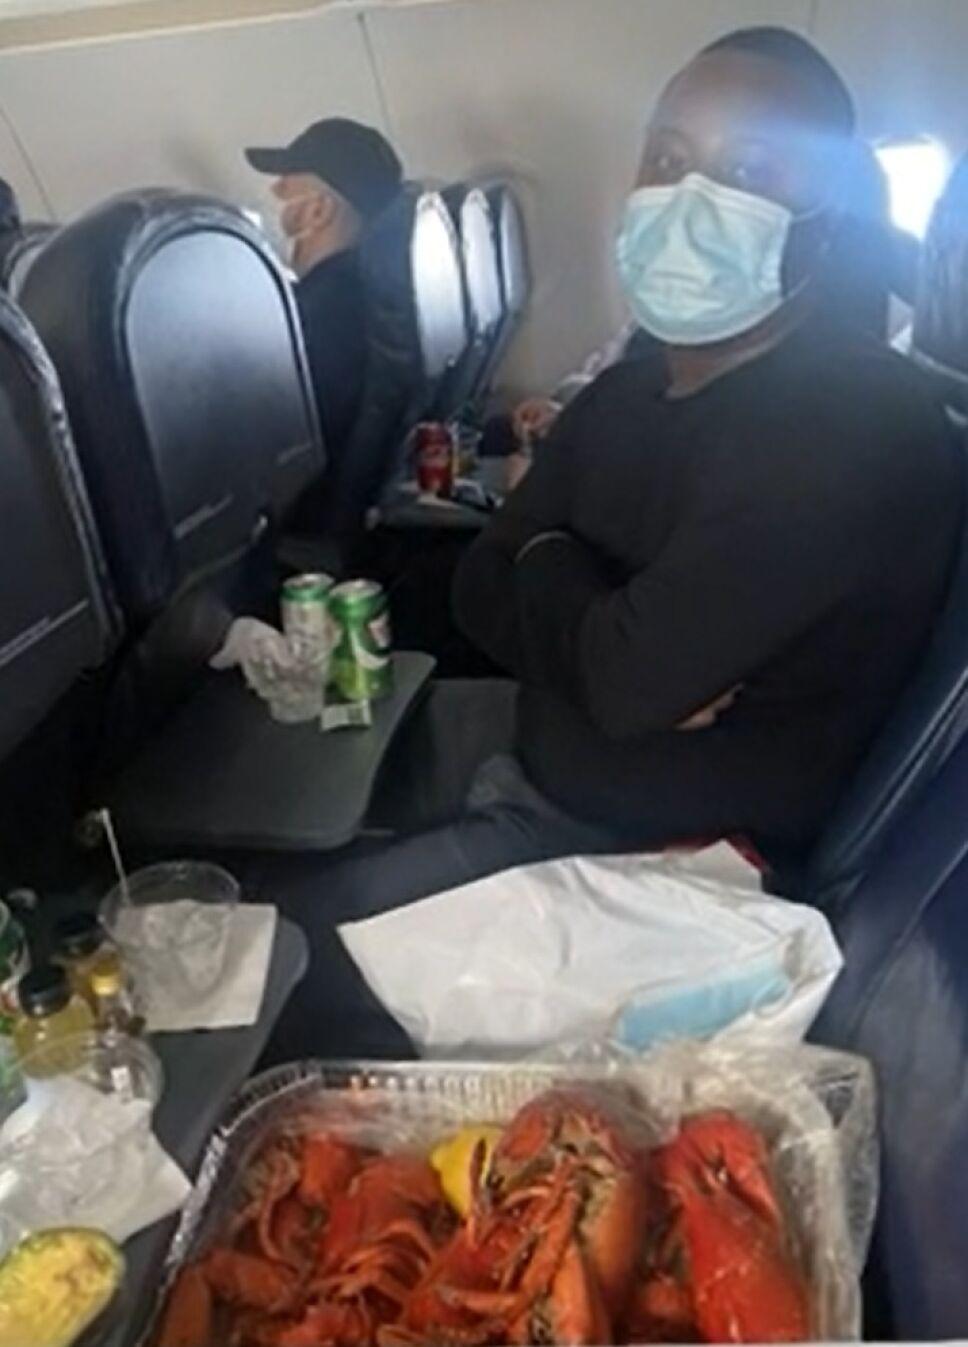 Arman cena de mariscos en pleno vuelo a Las Vegas.